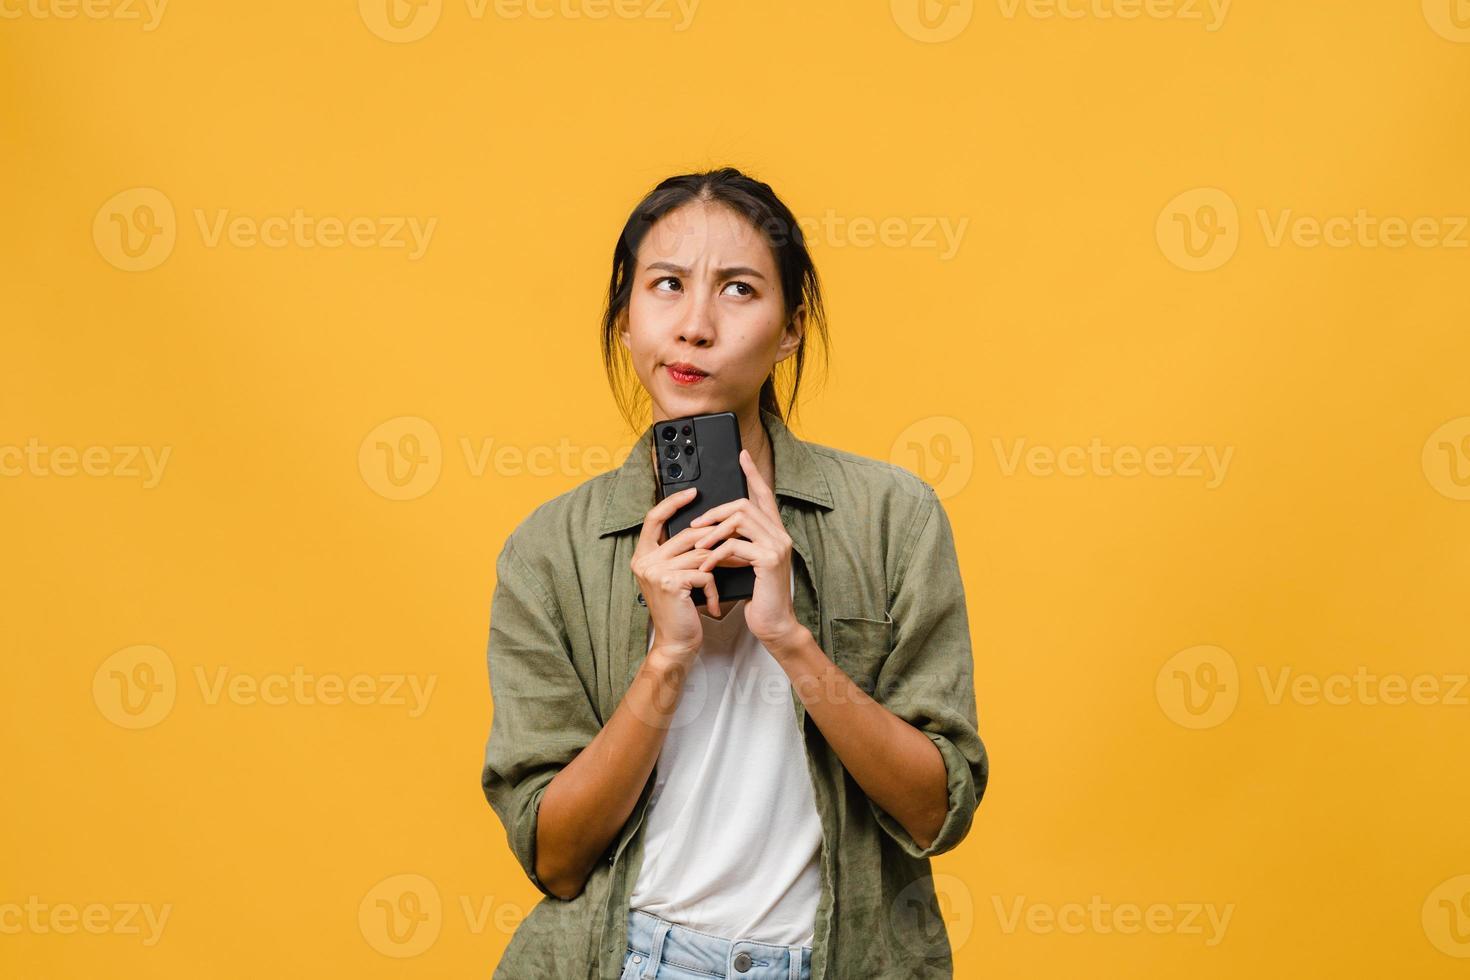 tänkande drömmer ung asiatisk dam med telefon med positivt uttryck, klädd i avslappnad trasa som känner lycka och står isolerad på gul bakgrund. glad förtjusande glad kvinna jublar över framgång. foto